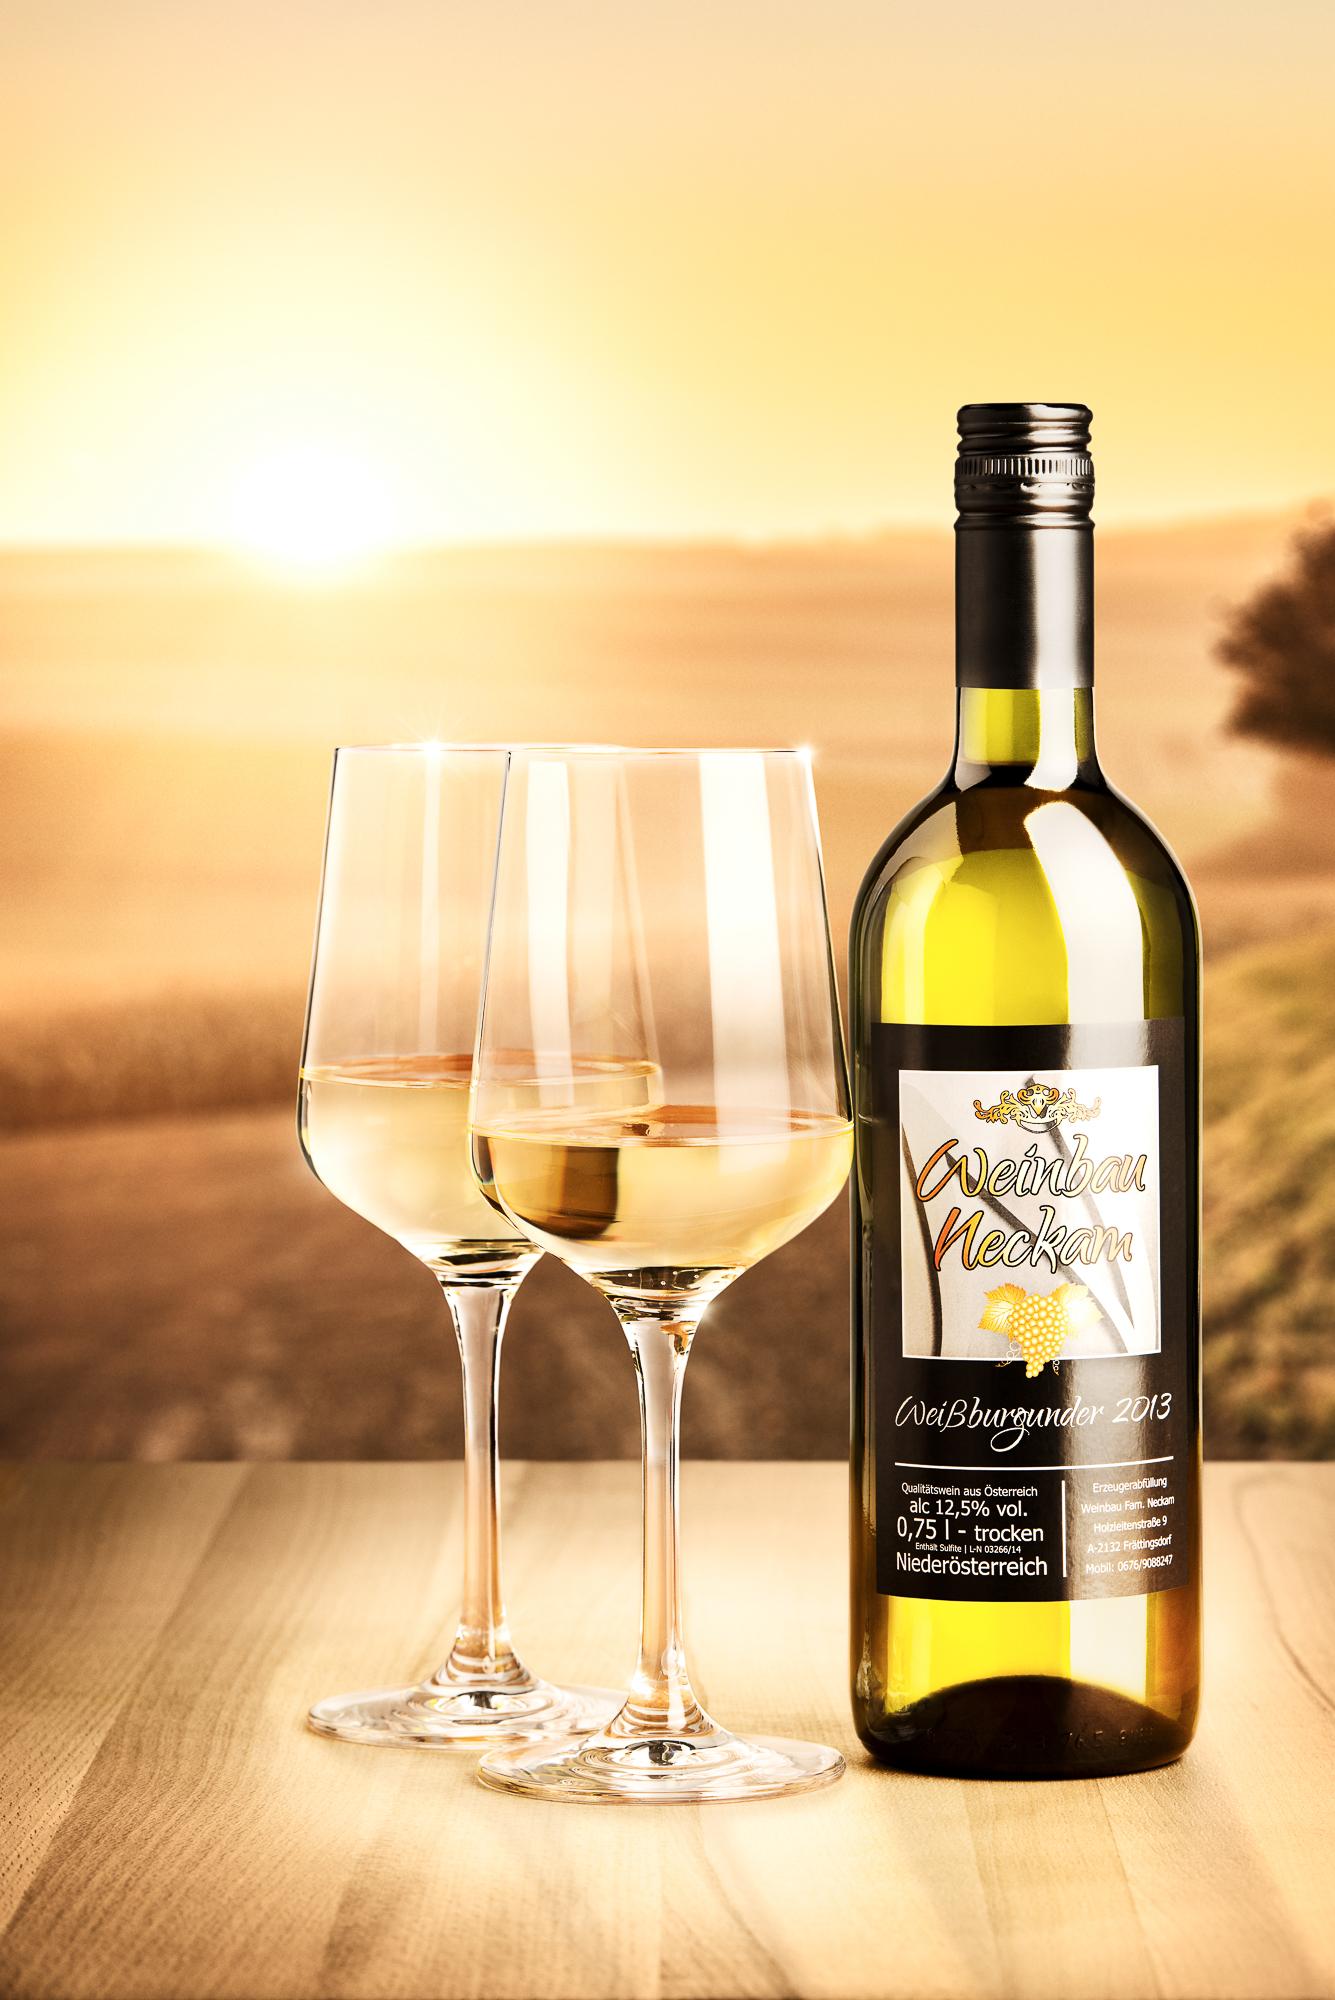 Aufnahme von 2 Weingläsern mit einer Weinbau Neckam Flasche